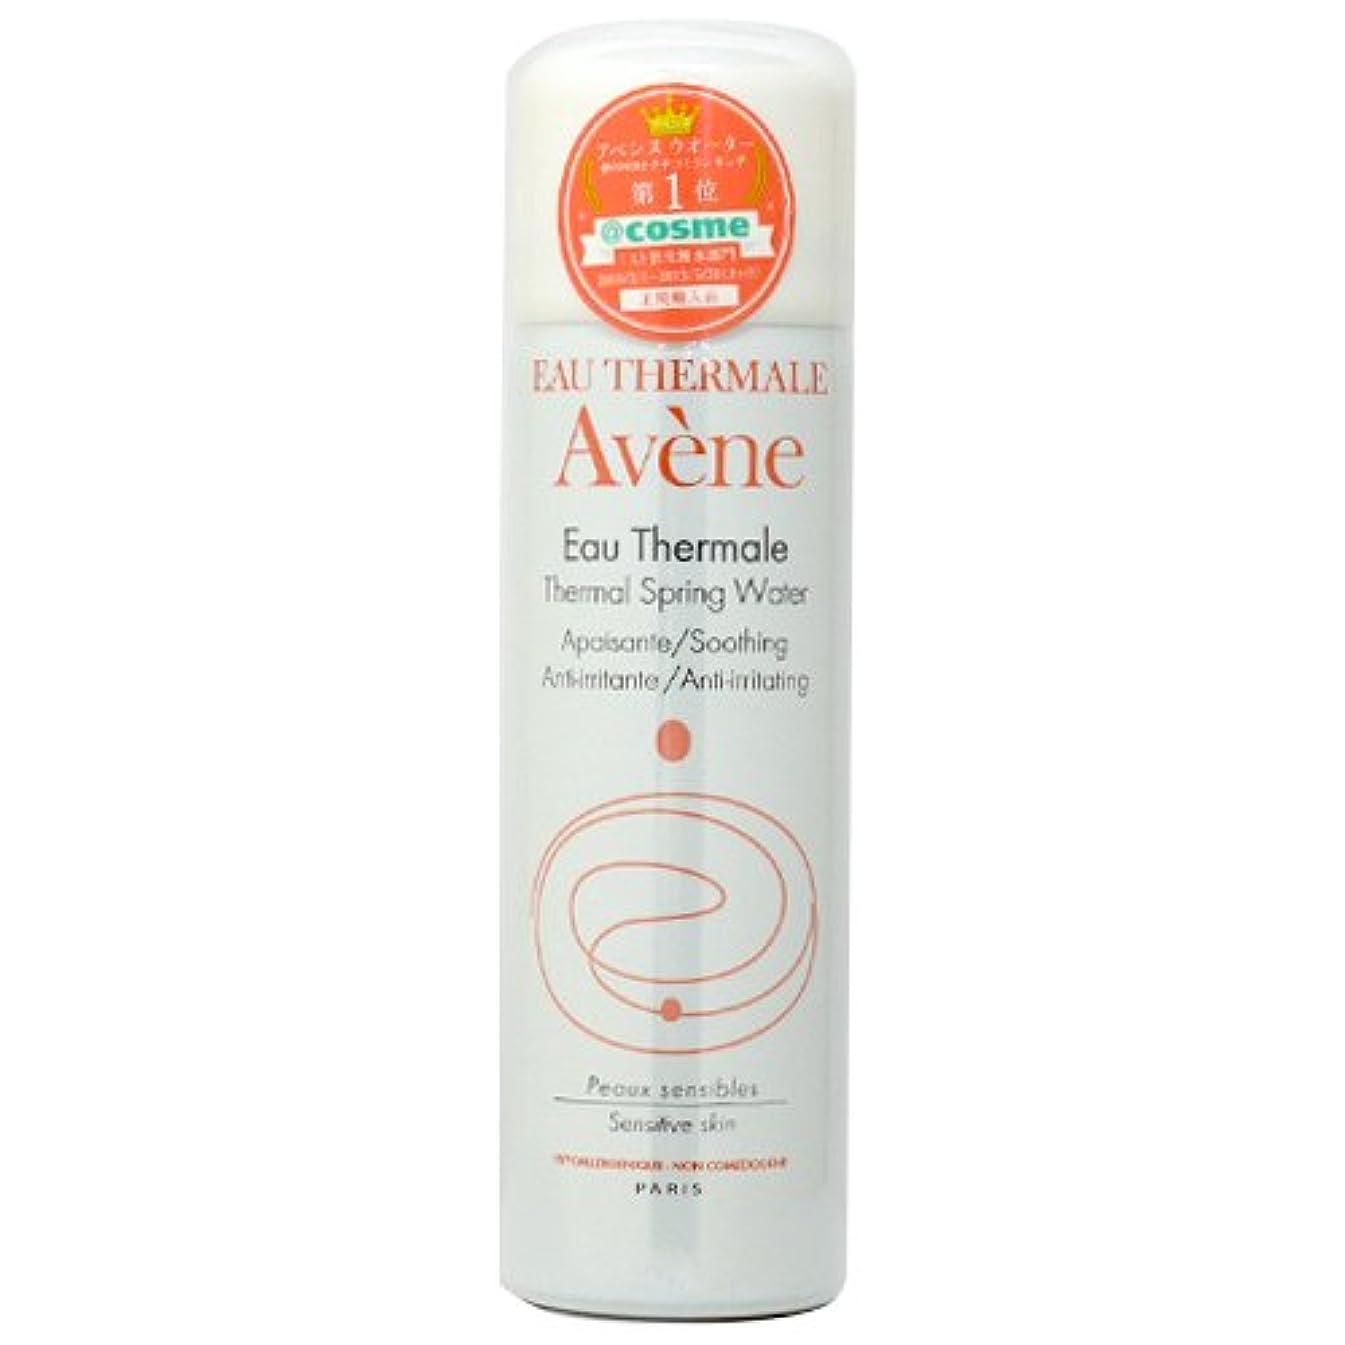 何でも質素な整然としたアベンヌ Avene ウォーター 50g 【国内正規品】